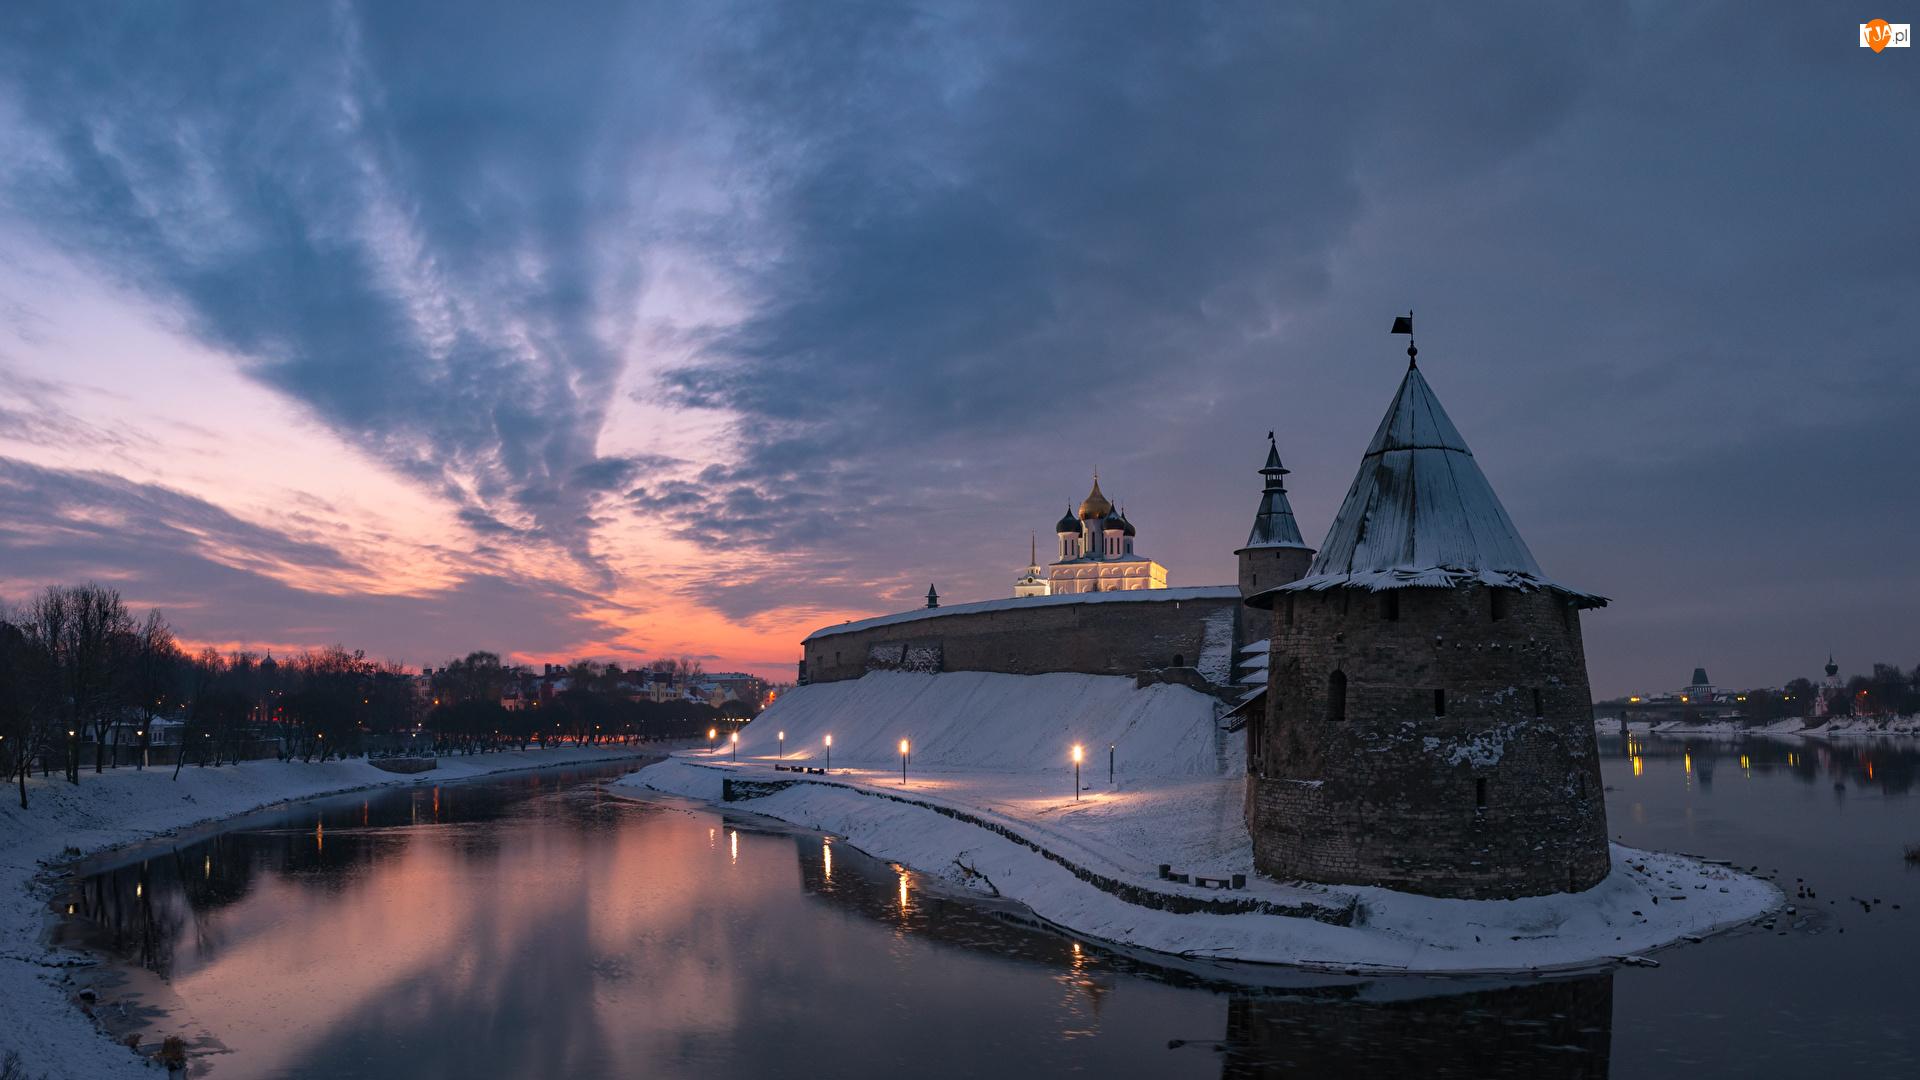 Wieża, Pskov Kremlin, Chmury, Rzeka Velikaya, Obwód pskowski, Śnieg, Twierdza, Rosja, Zachód słońca, Psków, Światła